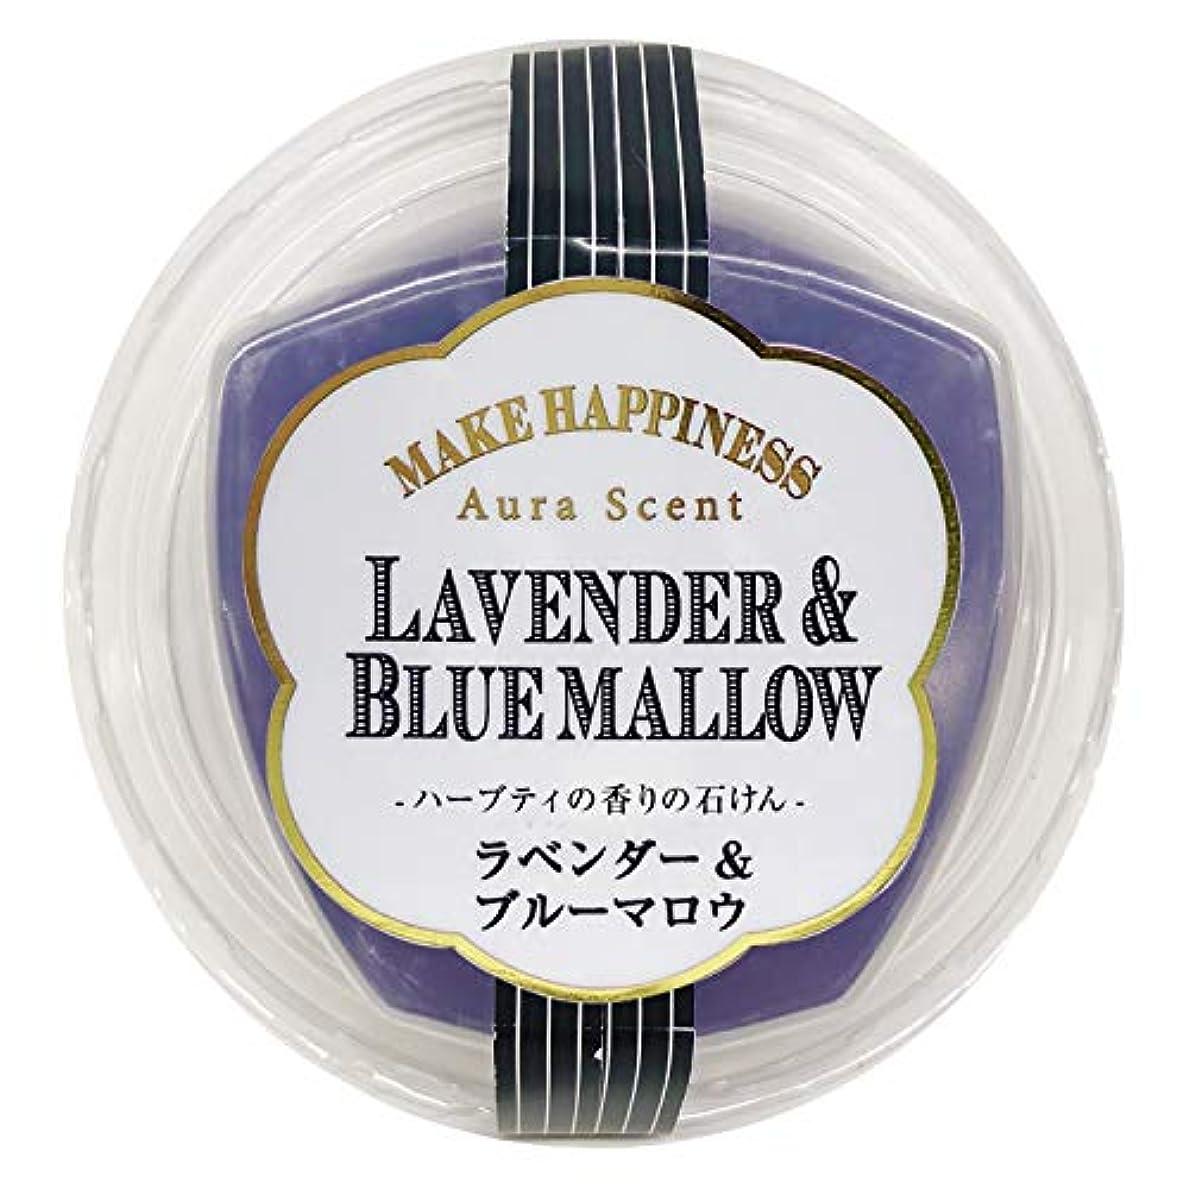 熱狂的なページェント初期のペリカン石鹸 オーラセント クリアソープラベンダー&ブルーマロウ 75g